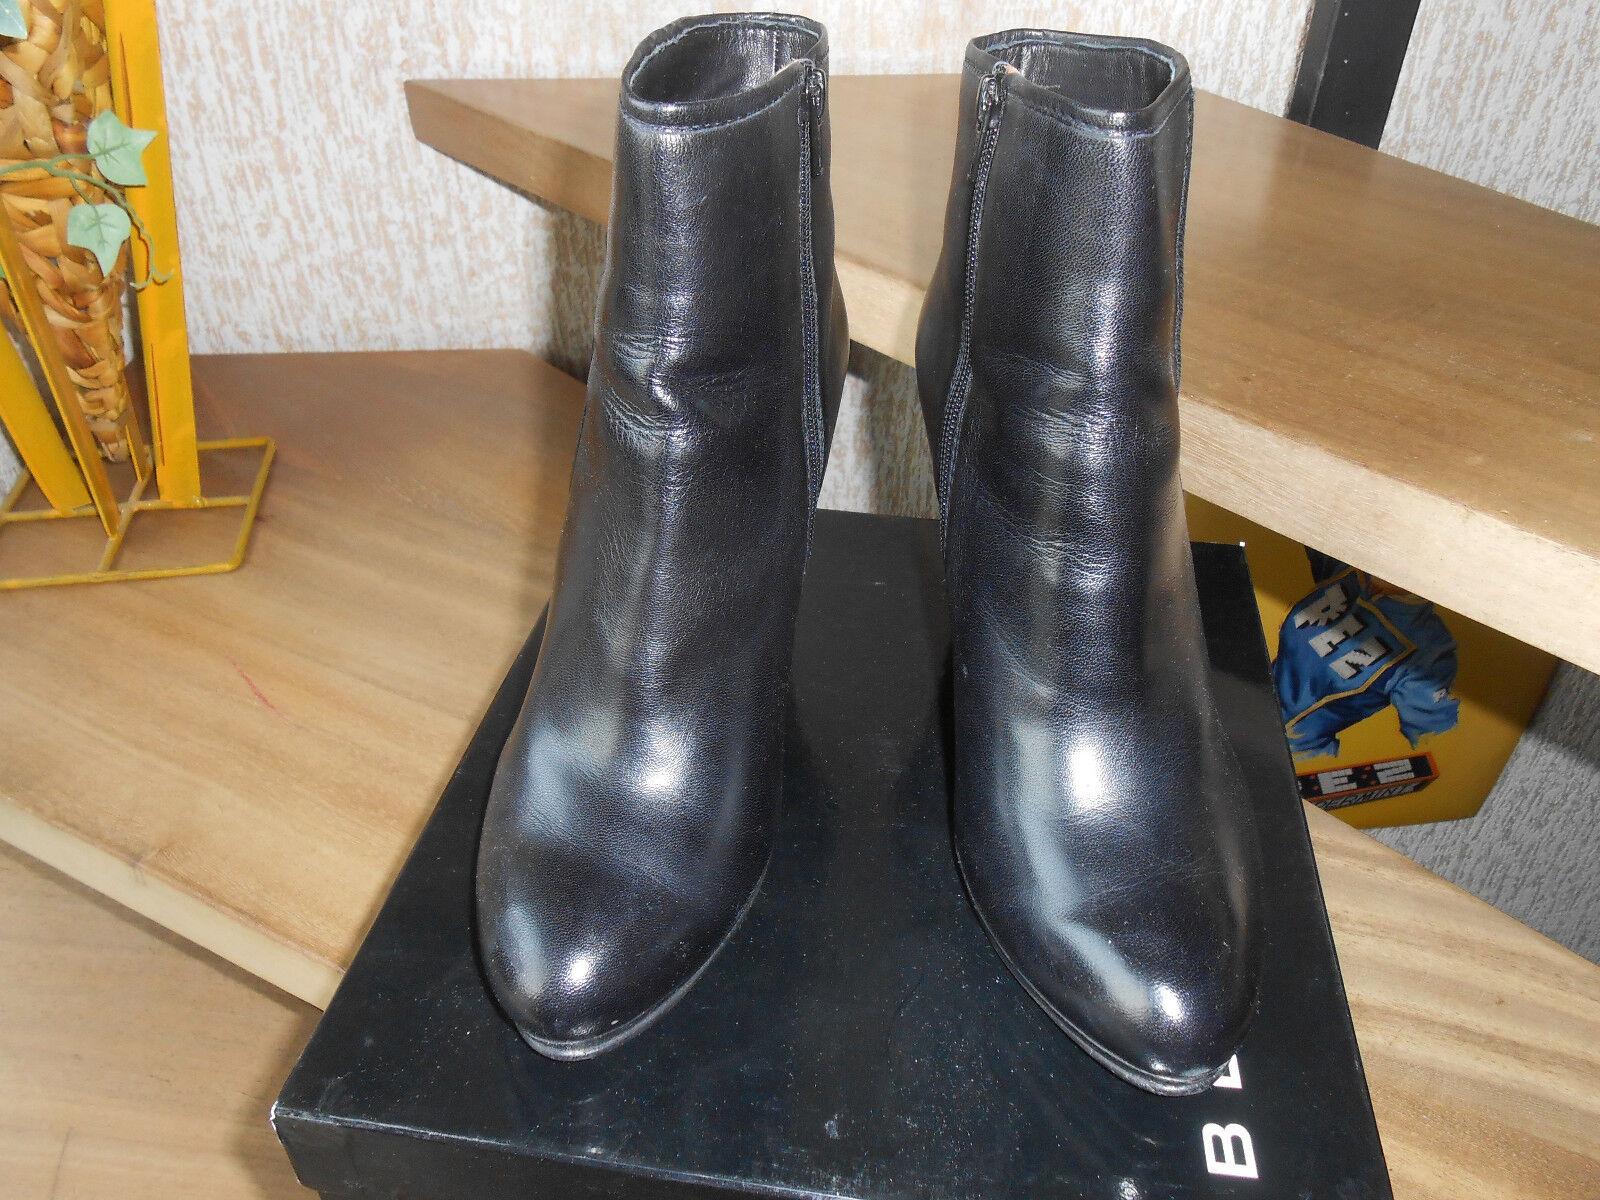 BELMONDO Damen Stiefelette Größe 41 Echt Leder, schwarz 10cm